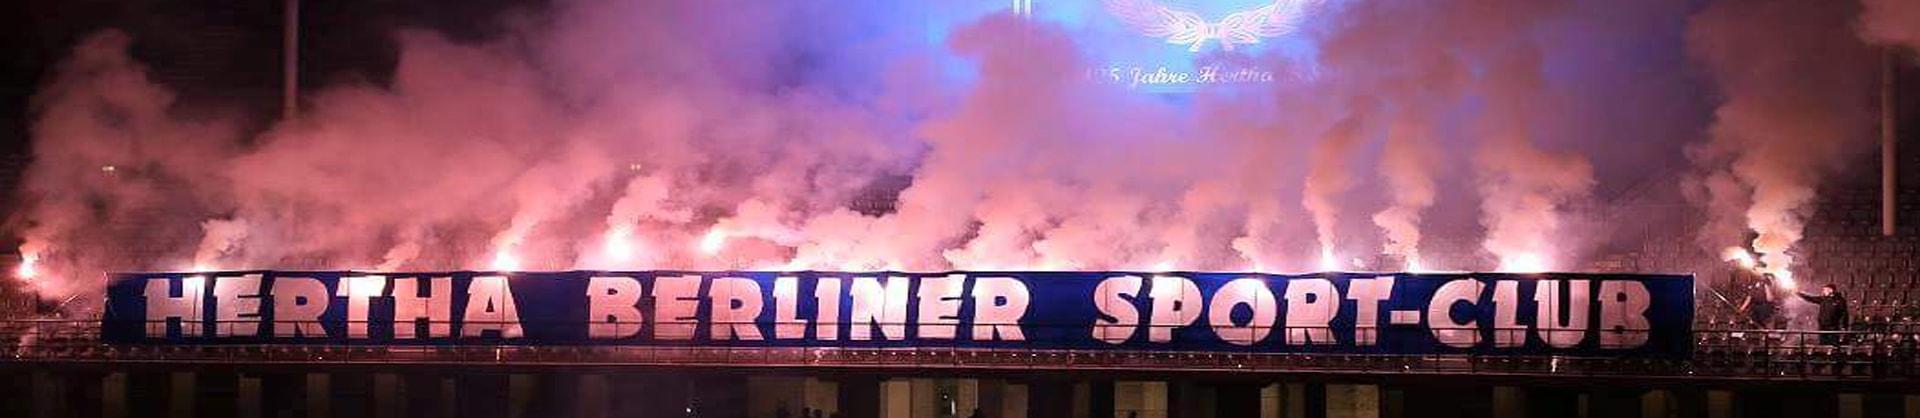 Nach Ausschreitungen in Dortmund: Drastische Geldstrafe für Hertha BSC